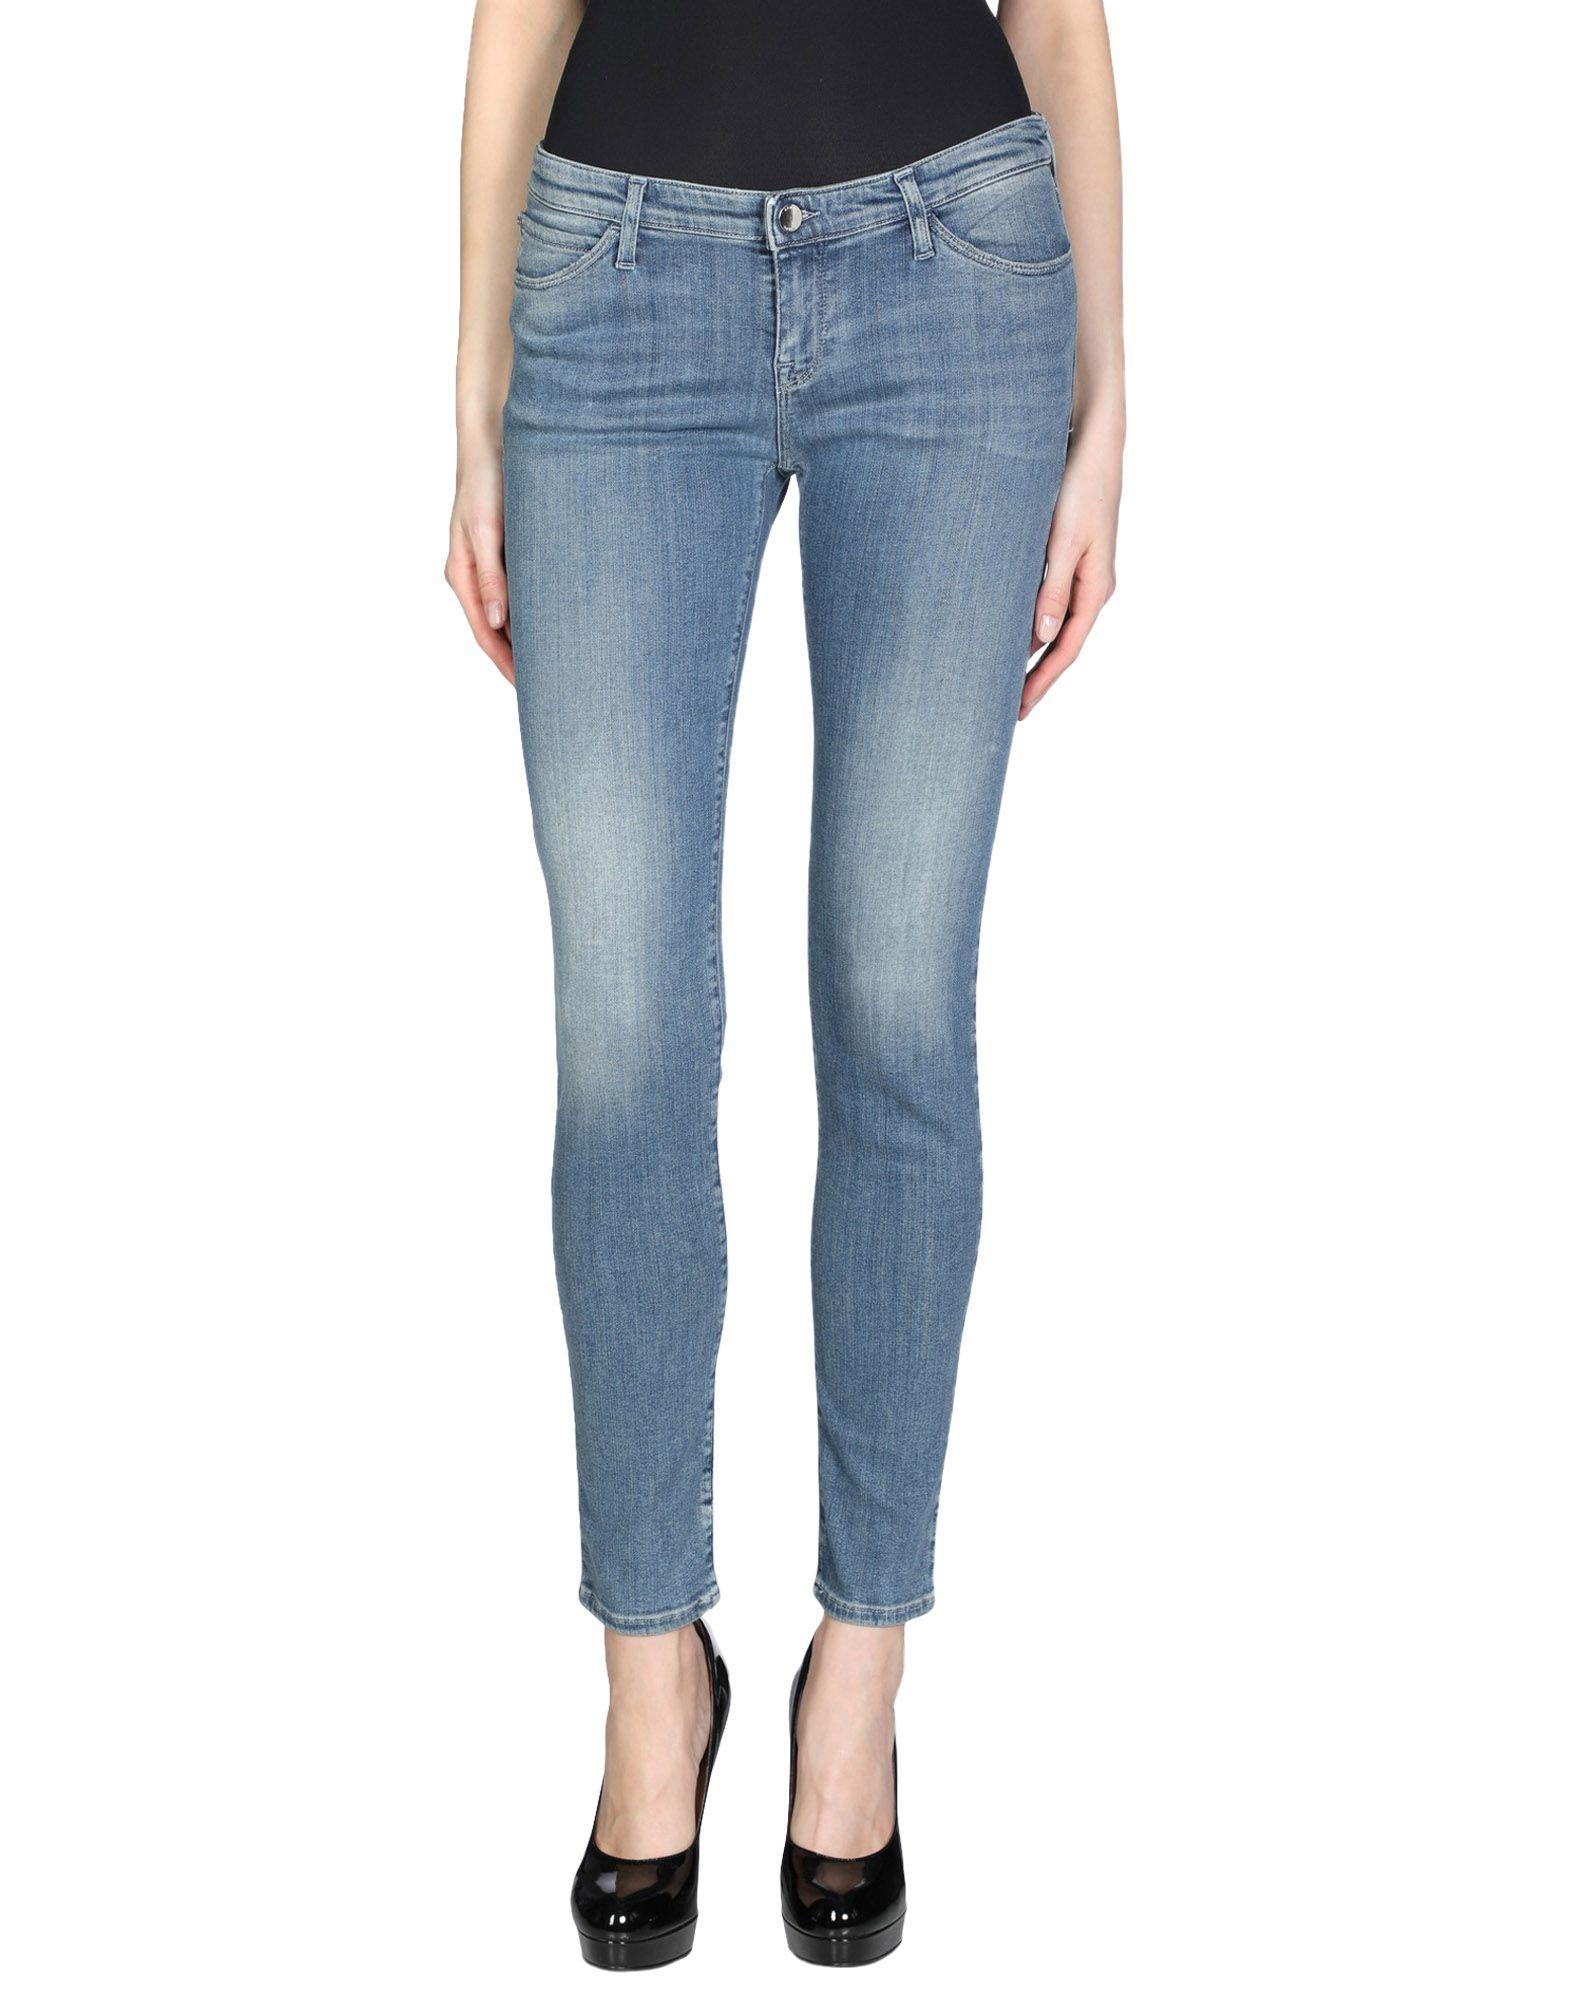 ARMANI JEANS Джинсовые брюки женские брюки лэйт светлый размер 50